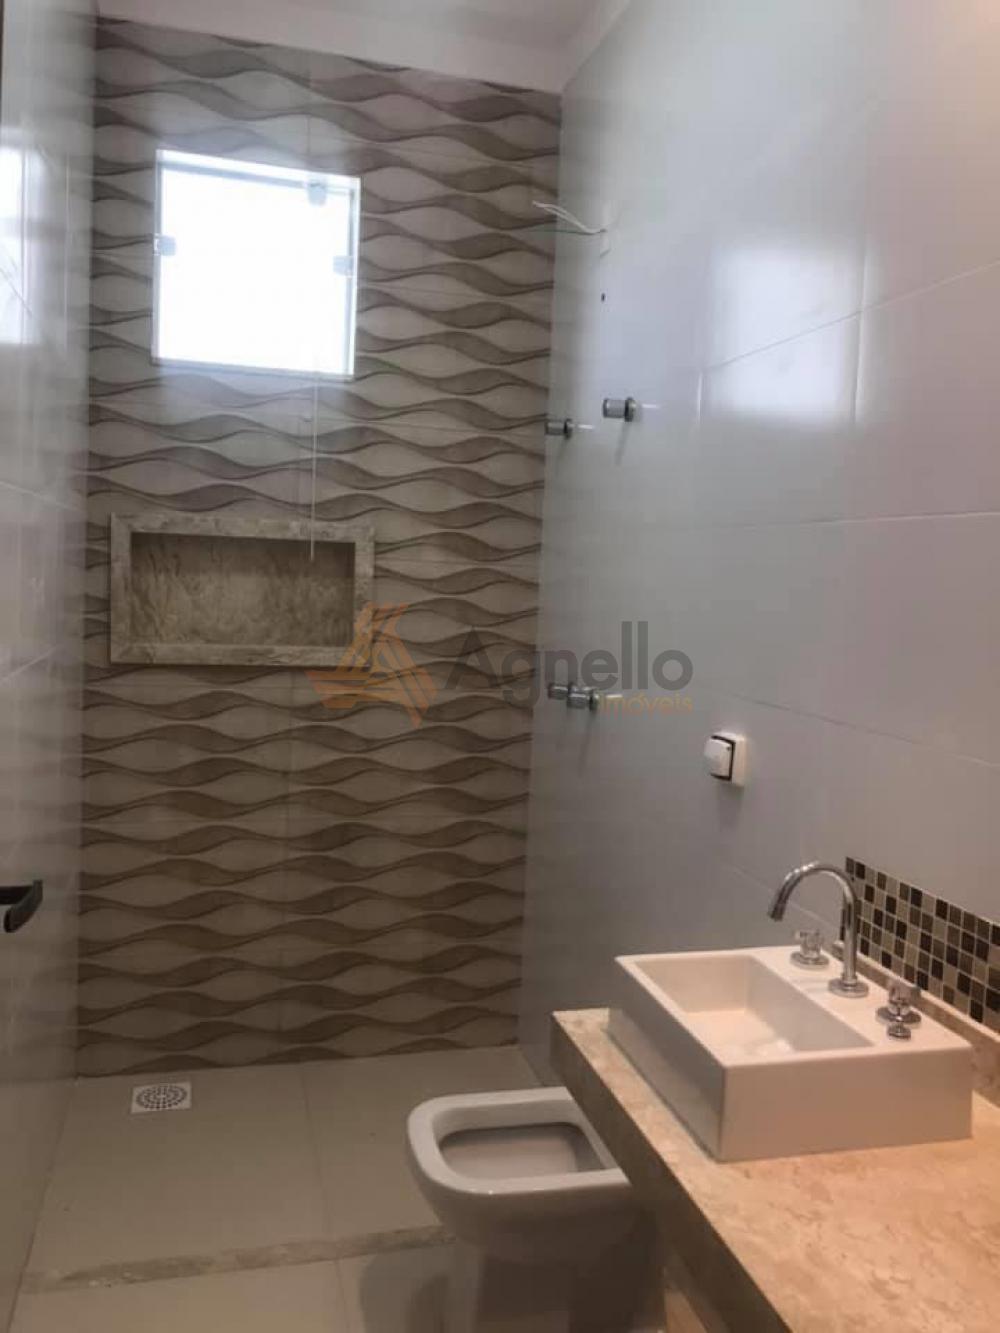 Comprar Apartamento / Padrão em Franca R$ 355.000,00 - Foto 9